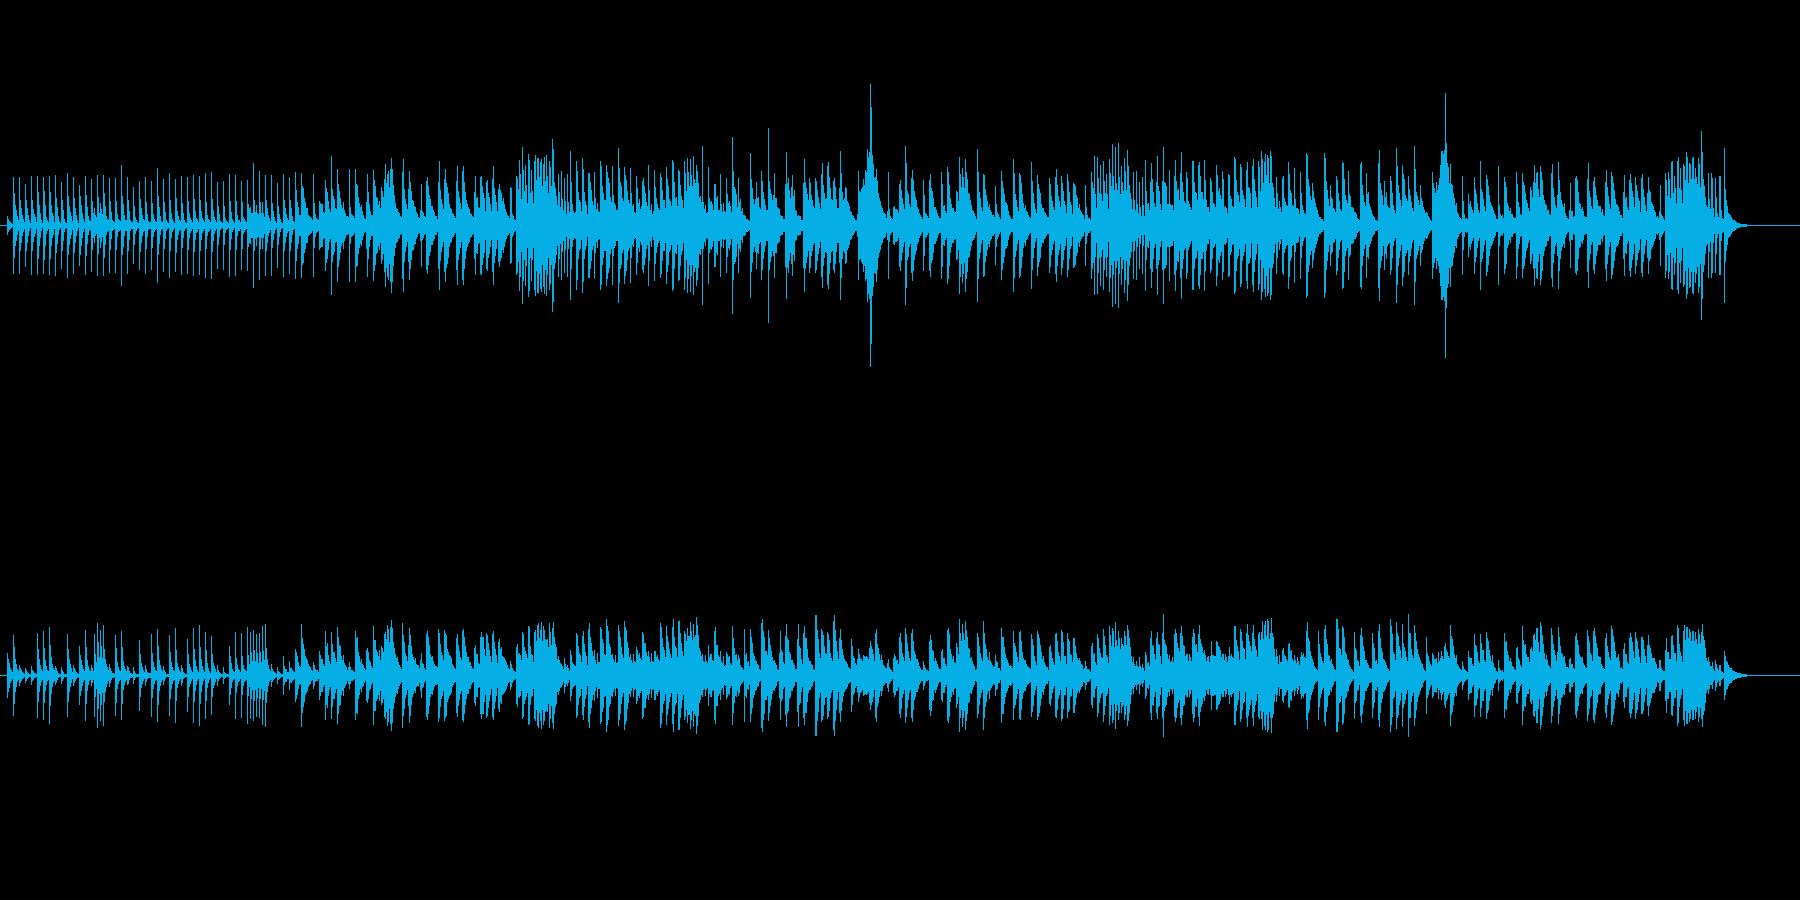 夜想曲-ショパン-のオルゴールの再生済みの波形